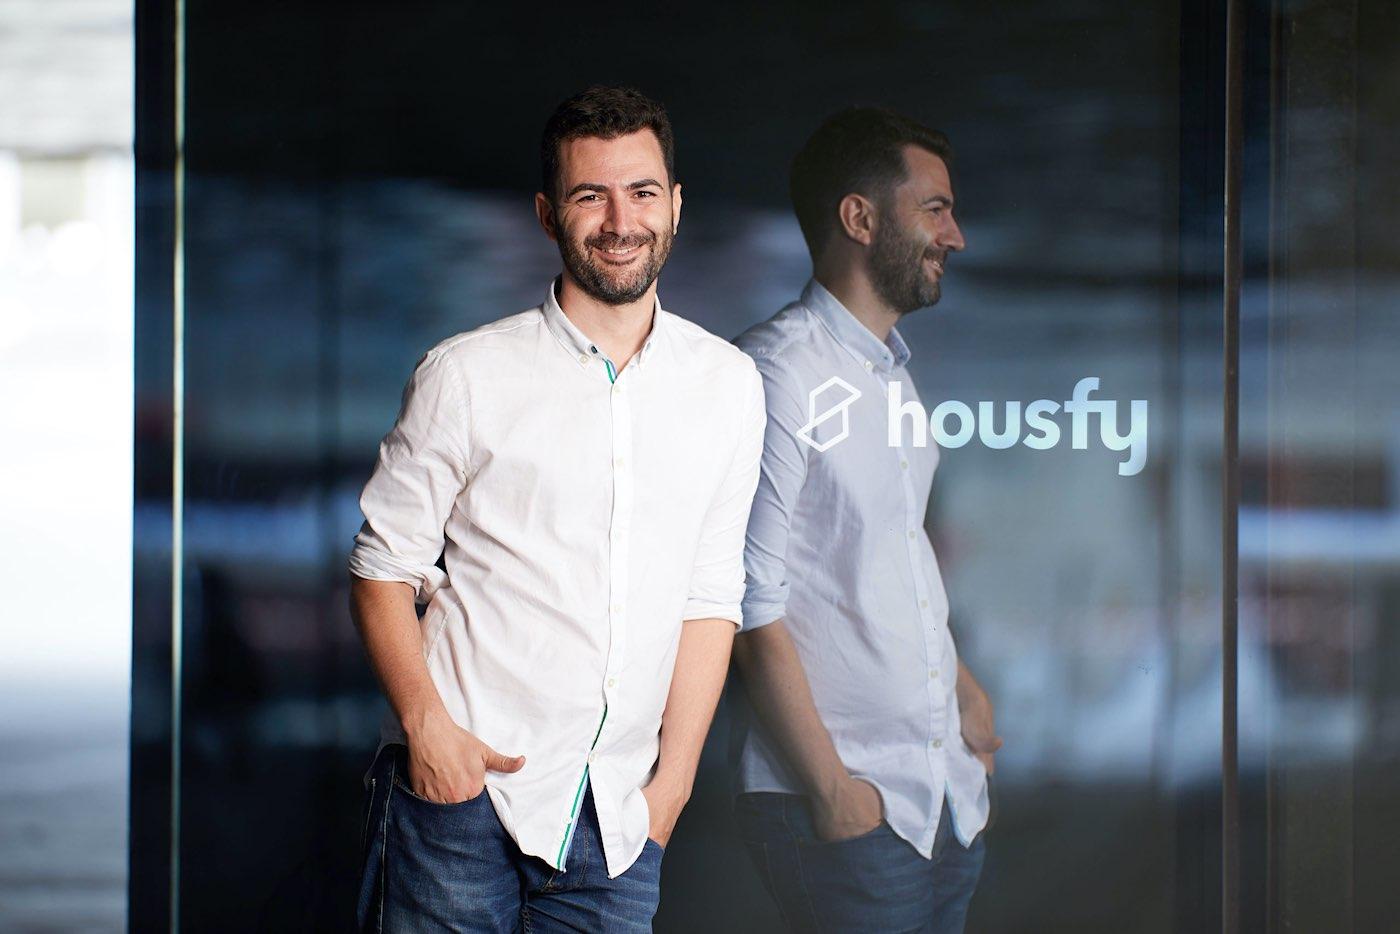 Housfy lanza un motor de recomendación para encontrar la mejor hipoteca